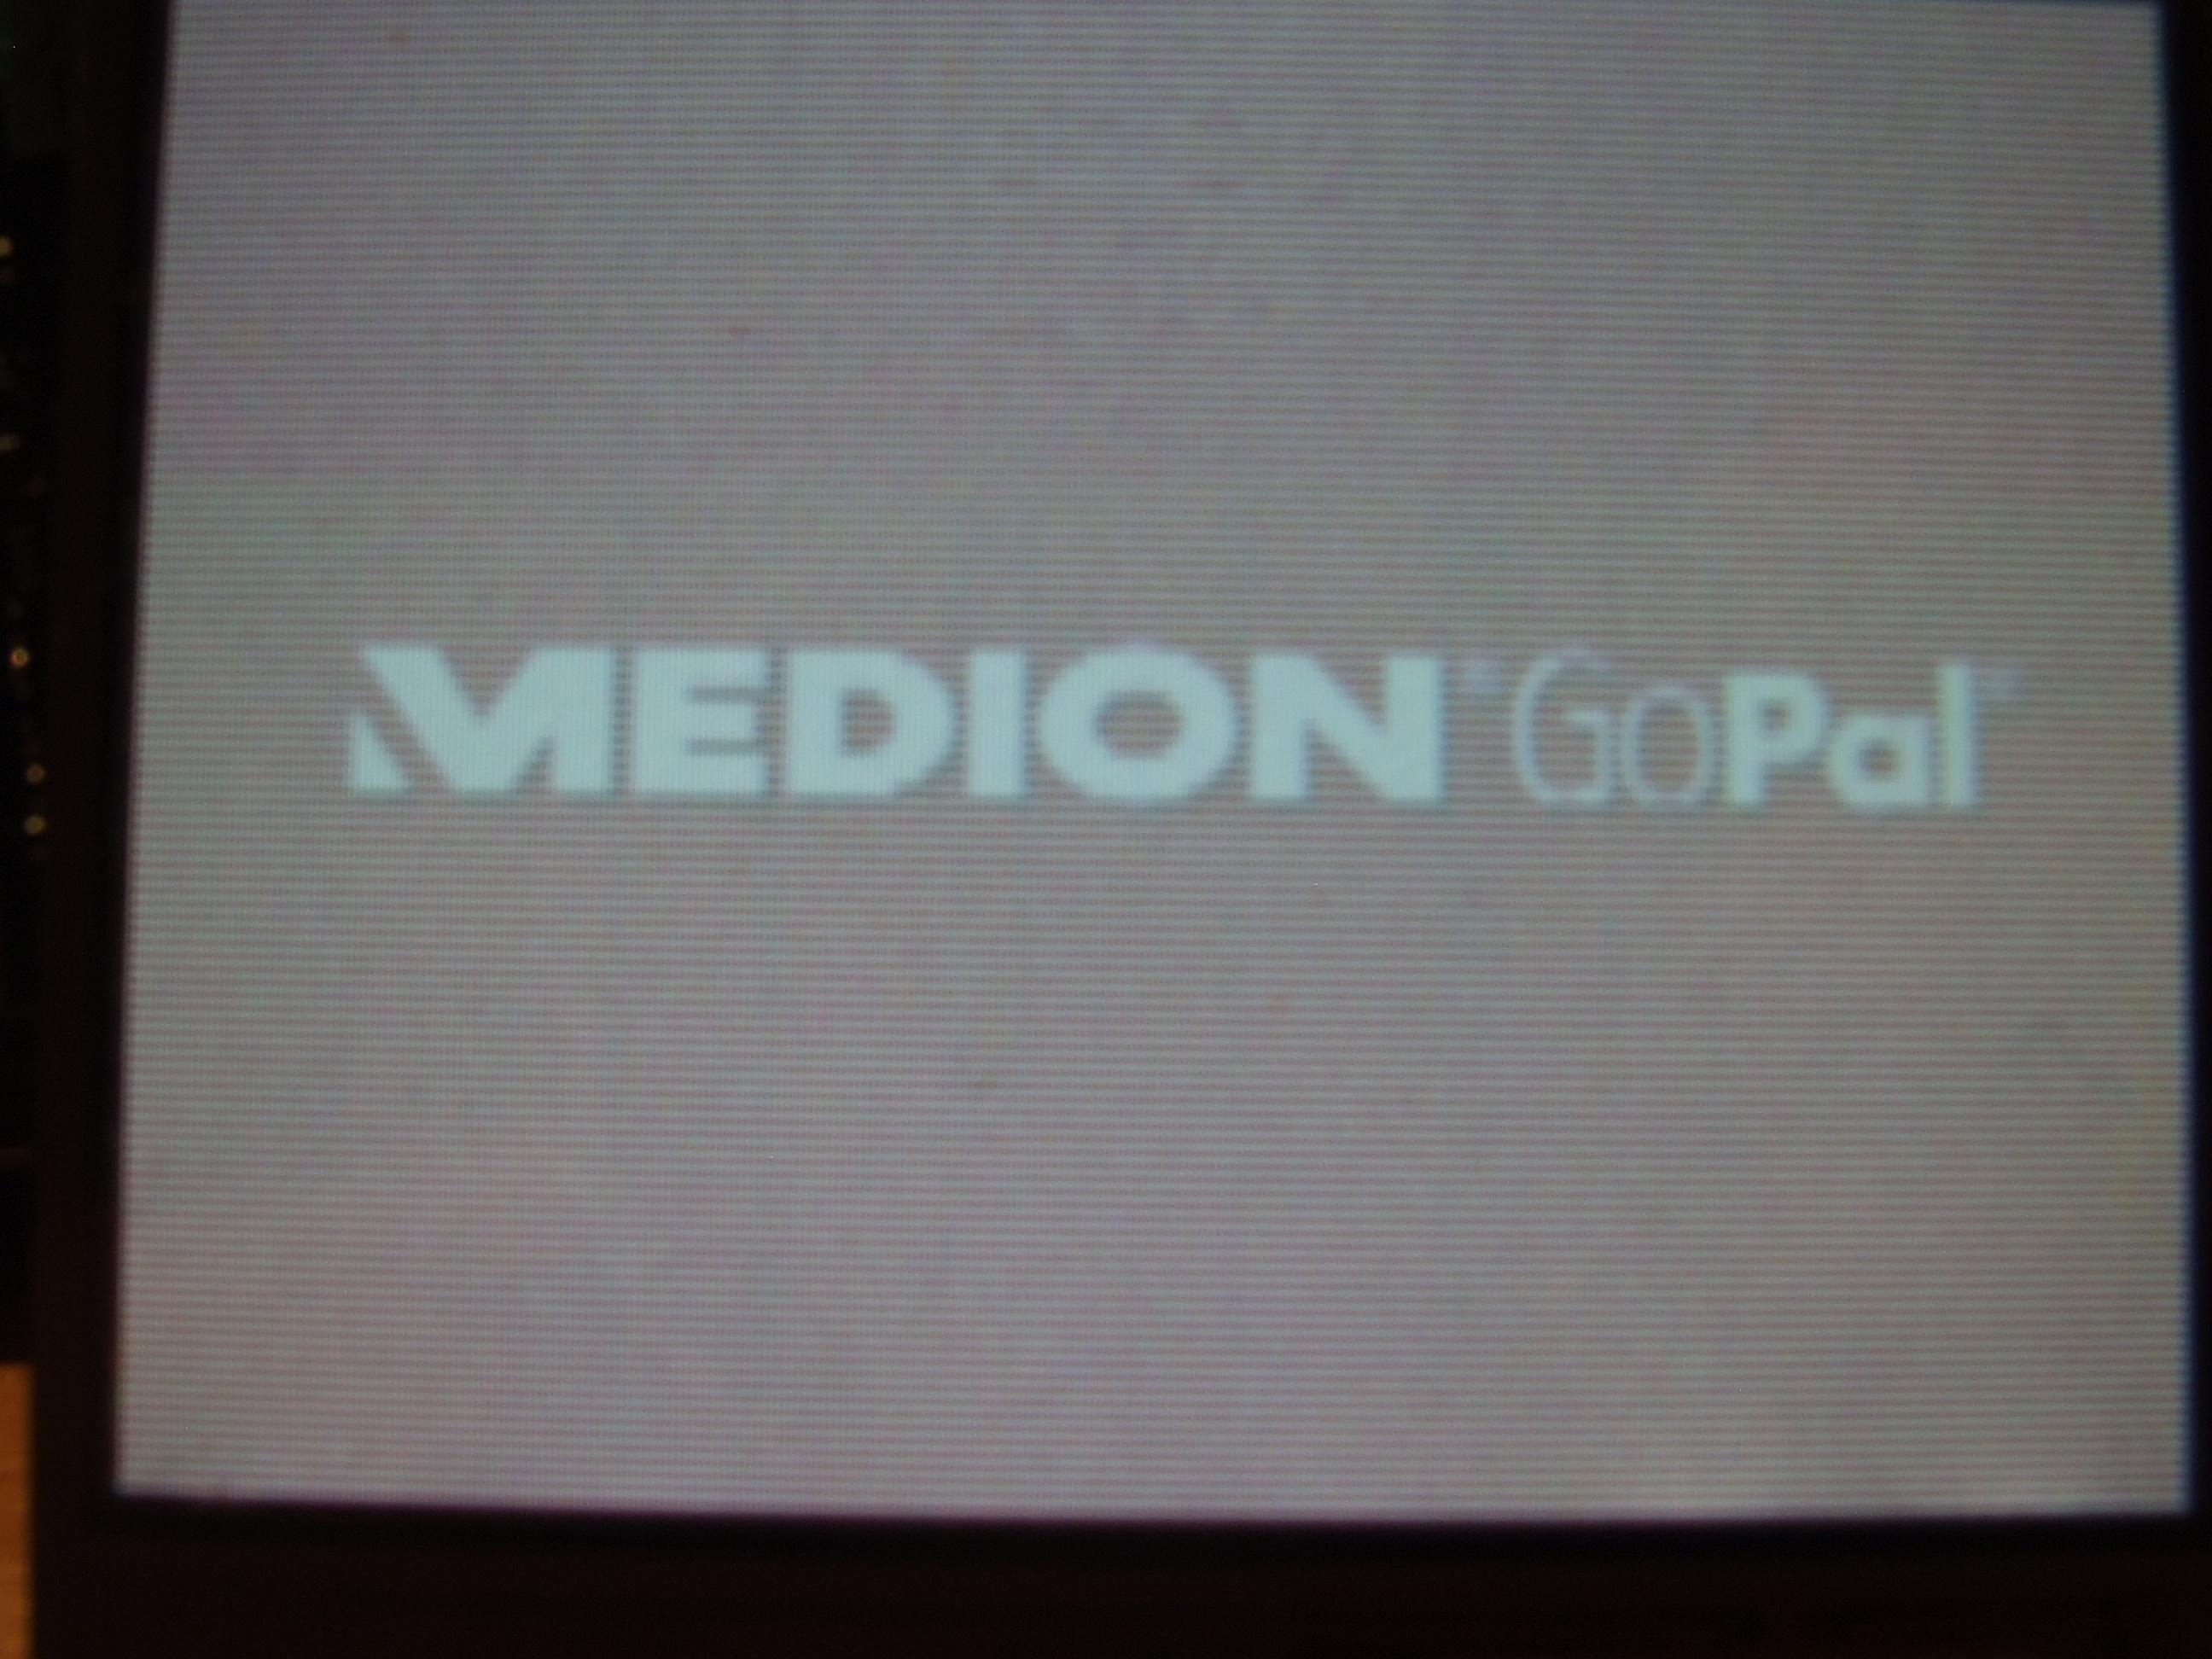 Nawigacja GPS MEDION  - MD96310 E3210M10 - poziome pasy na ekranie